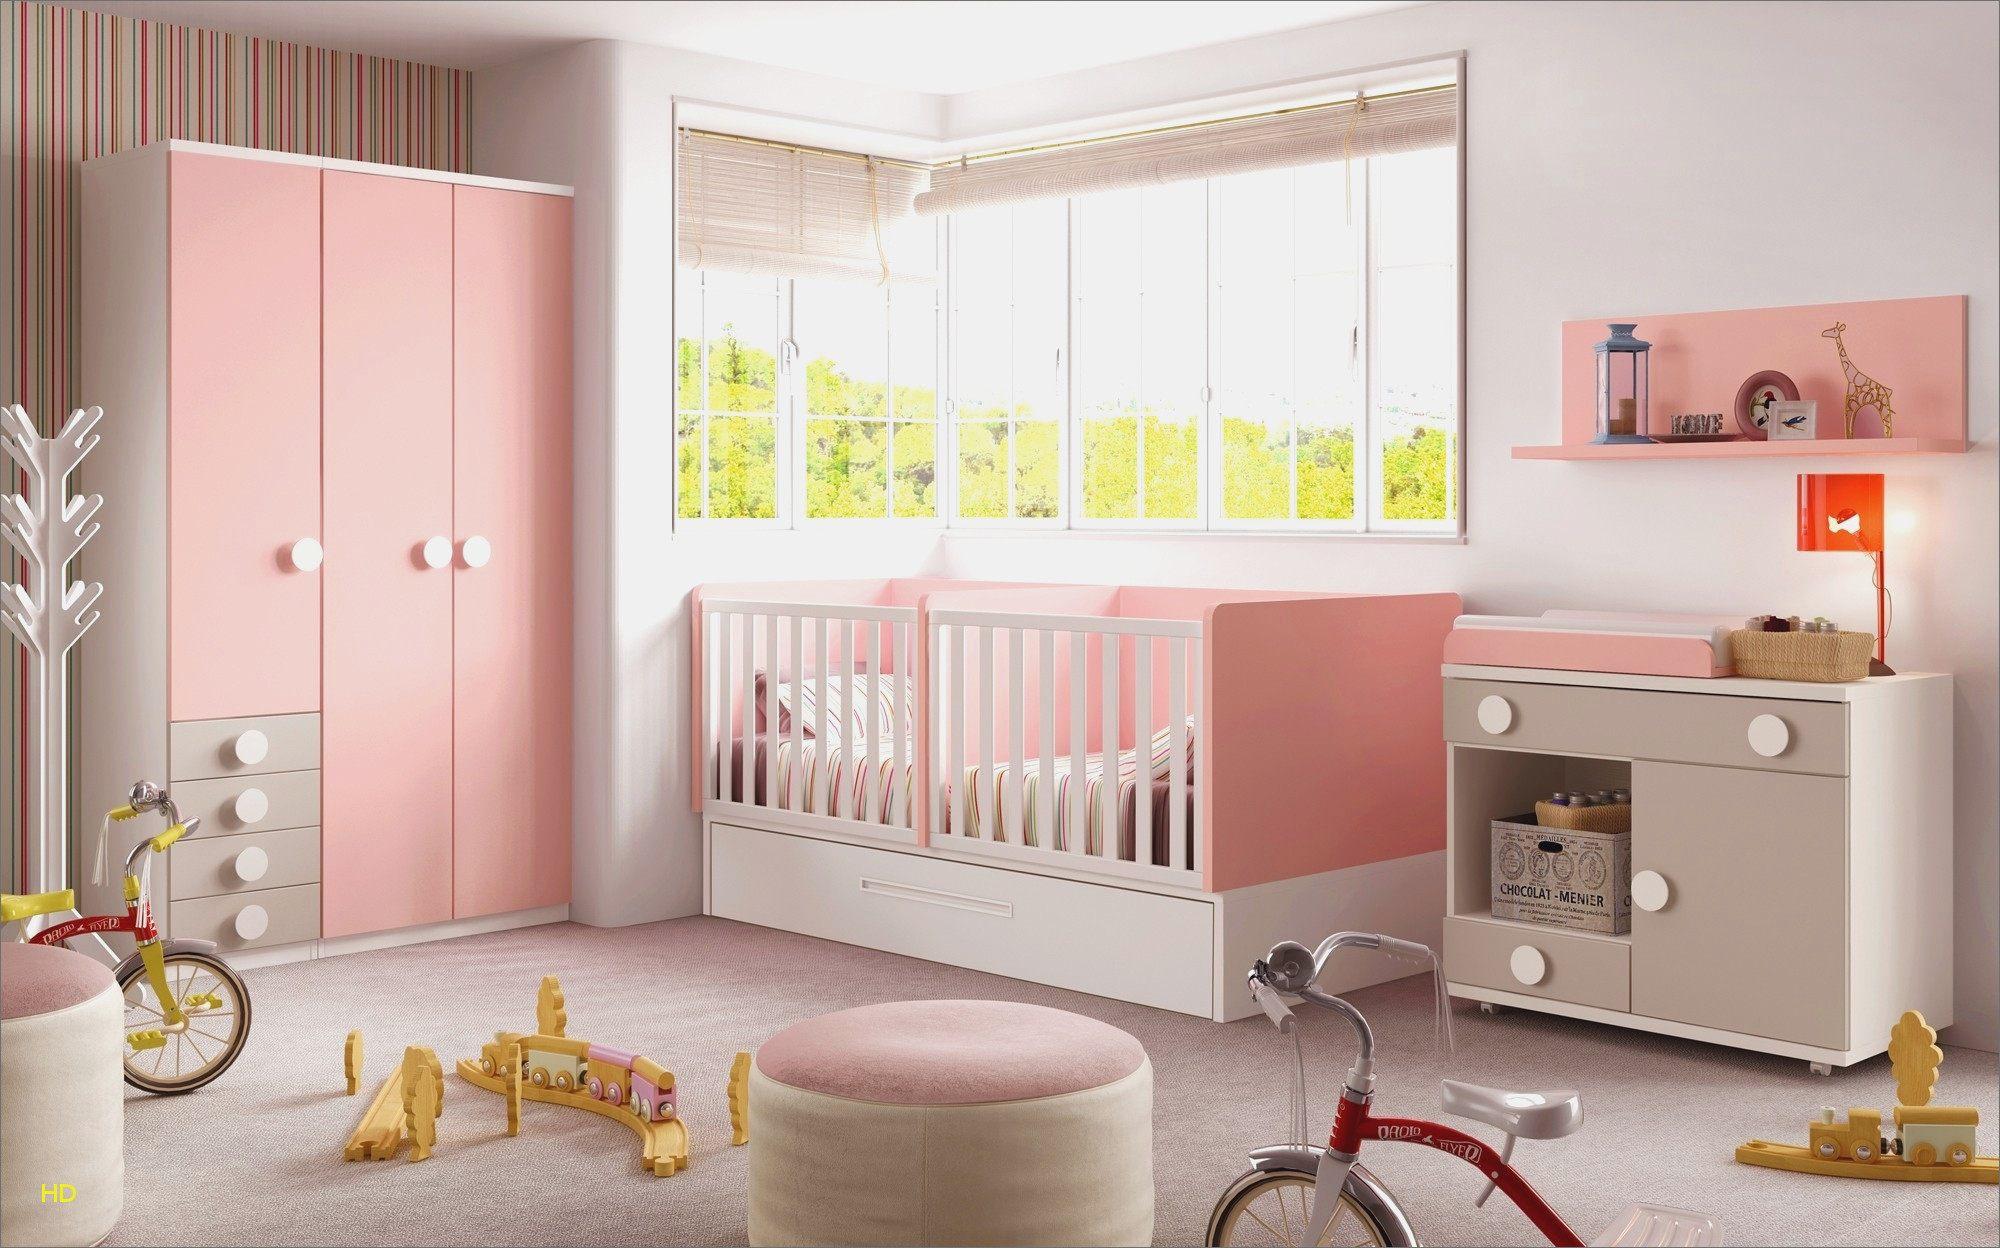 Lit Montessori Bébé 9 Mois Le Luxe Chaise Haute Bébé Kidsfurniturefarm